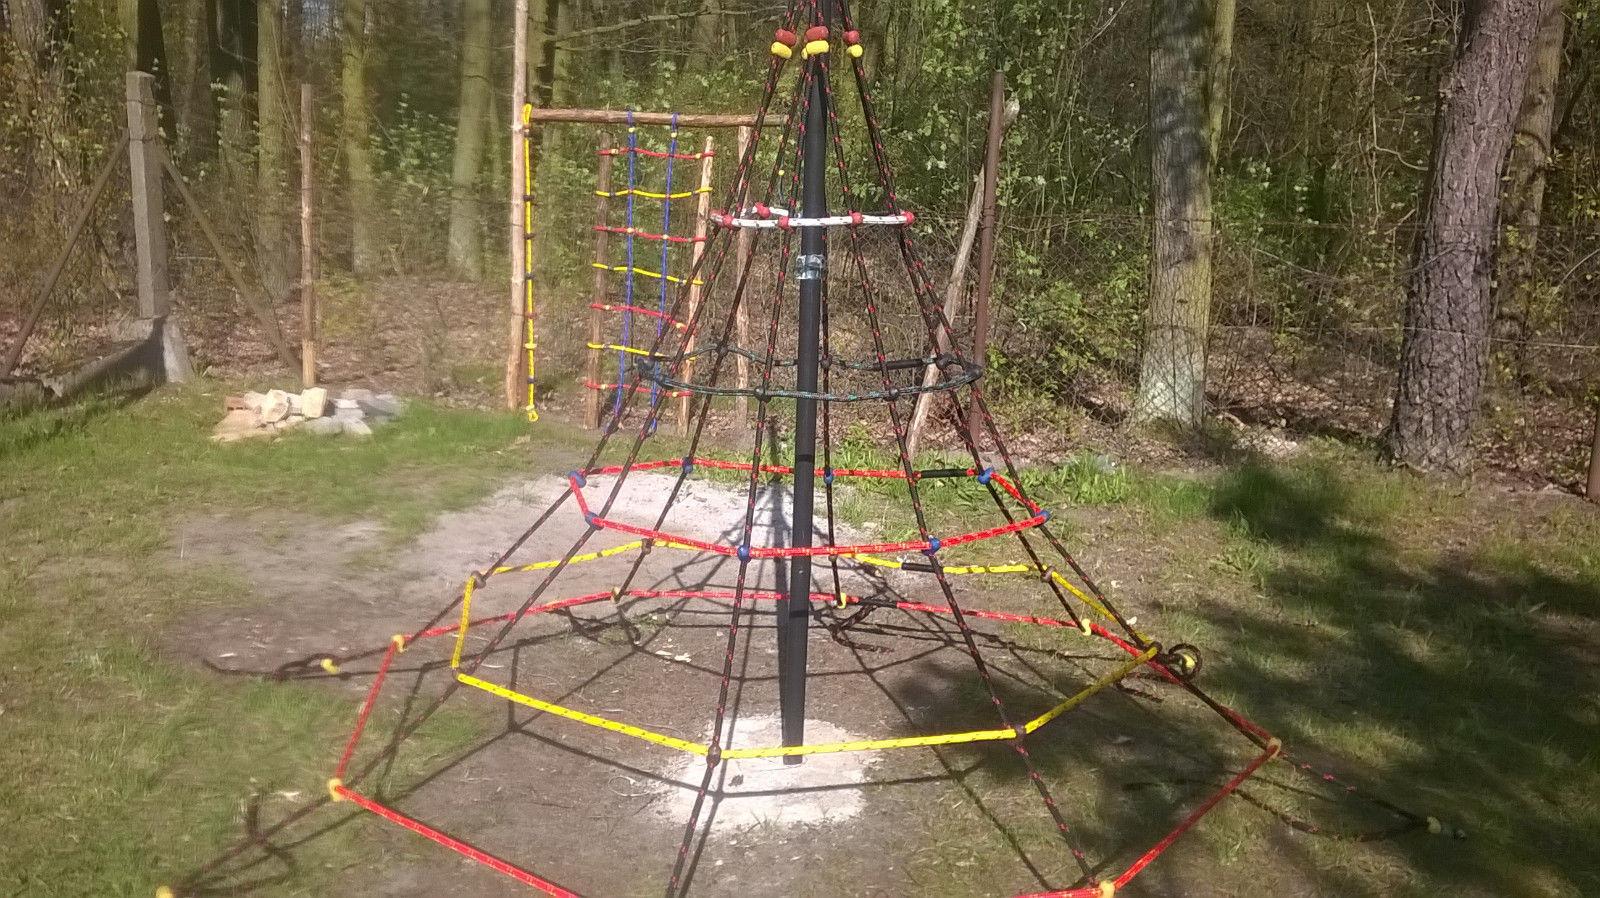 Klettergerüst Pyramide : Sellon 24 onlineshop kletterpyramide klettergerüst spielturm